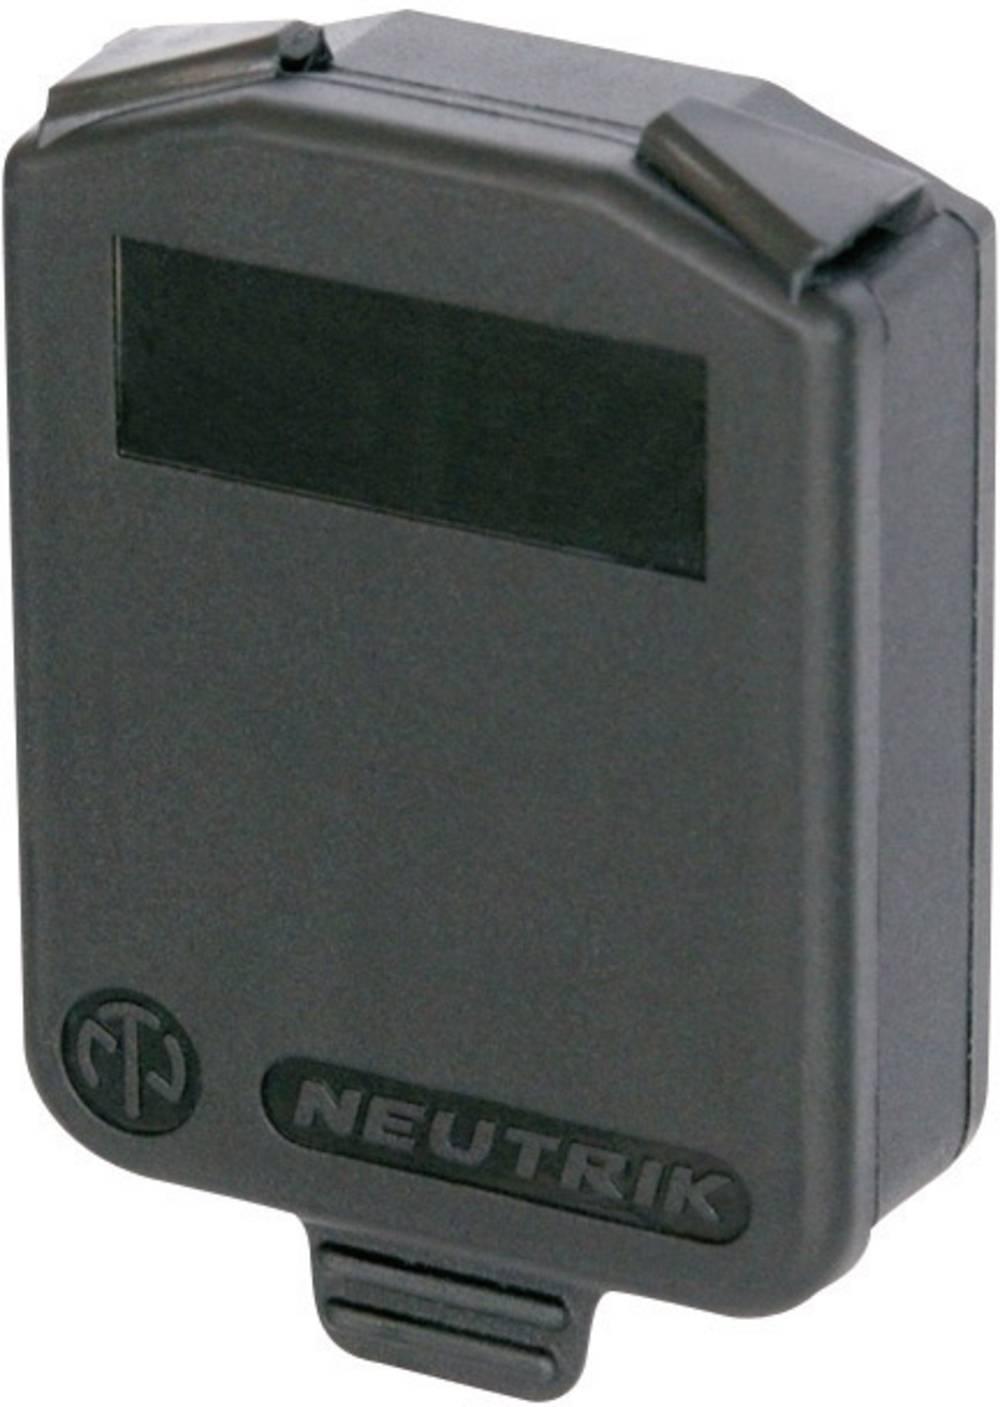 Tesnilni pokrov XLR SCDX tesnilni pokrov za vse vgradne ženske konektorje oblike D SCDX 6 SCDX6 Neutrik